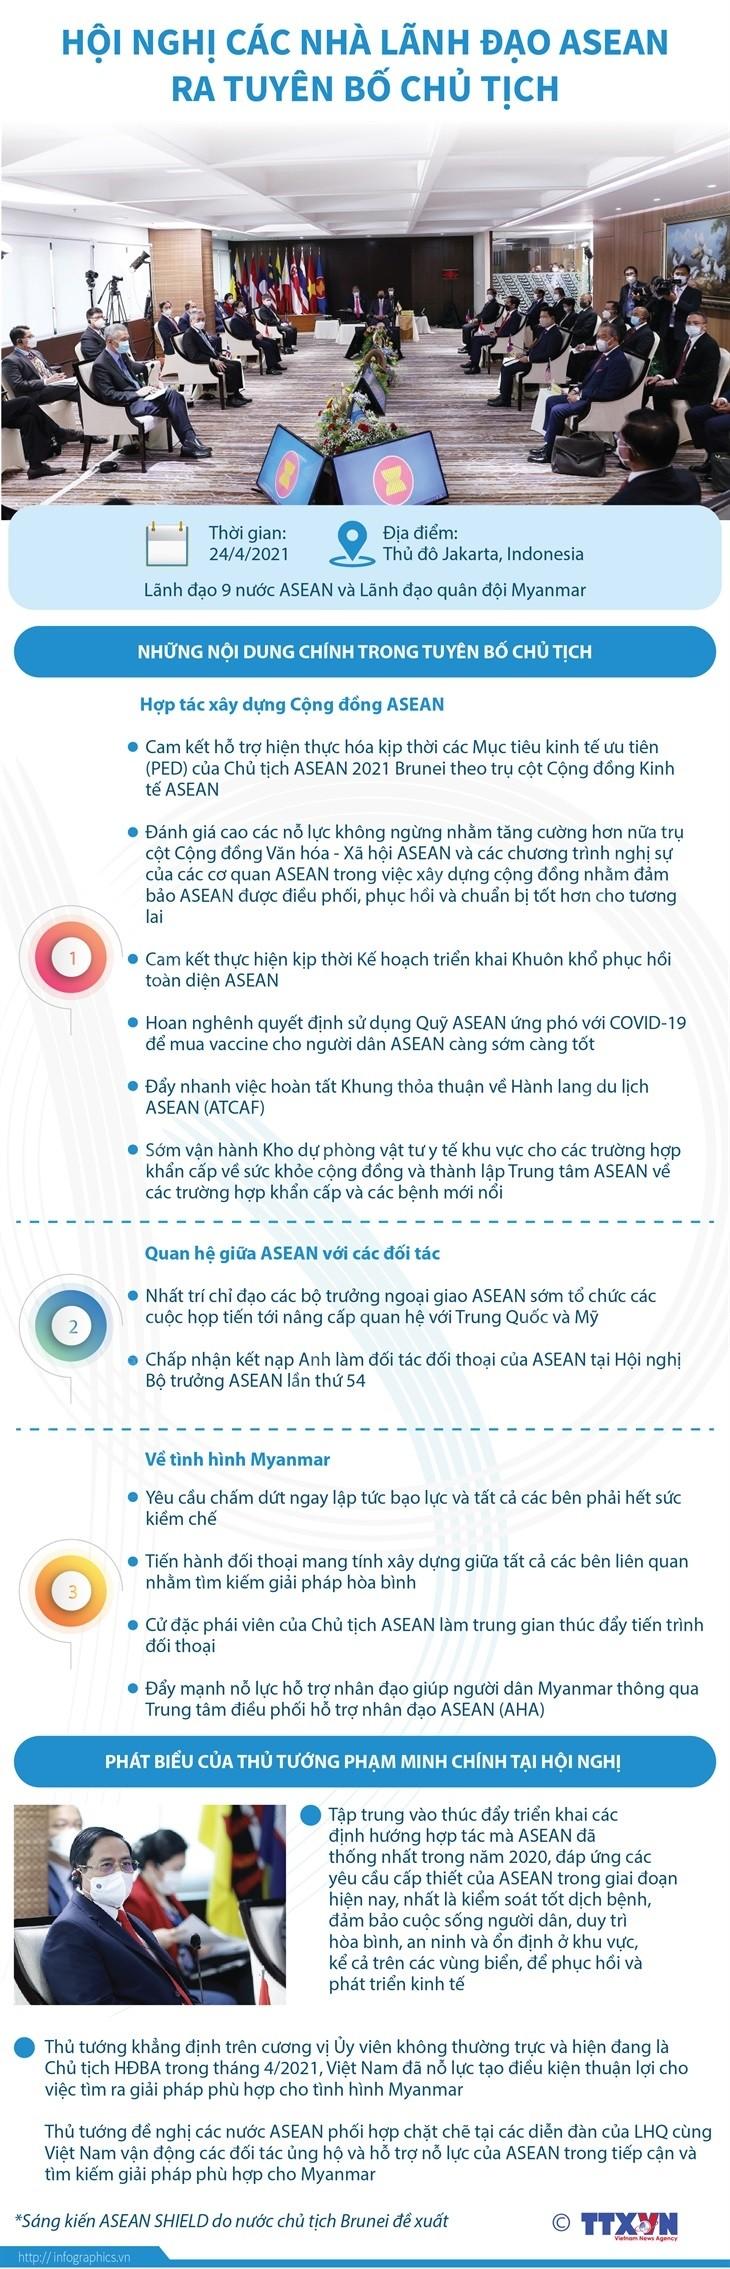 Những nội dung chính của tuyên bố Chủ tịch Hội nghị các nhà lãnh đạo ASEAN